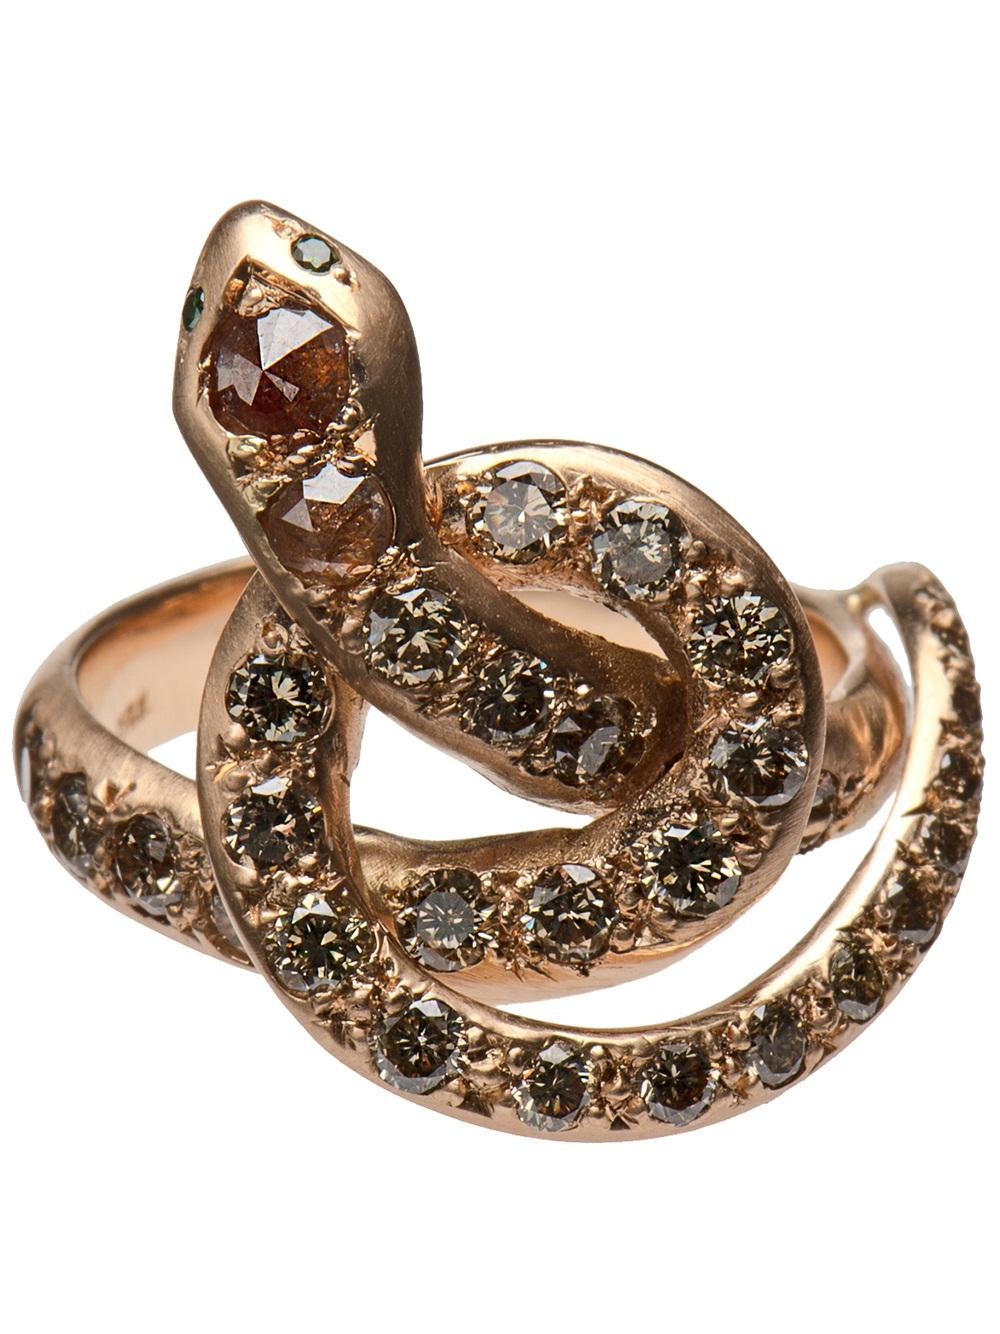 Ileana Makri Berus Coiled Snake Ring In Gold Snake Lyst